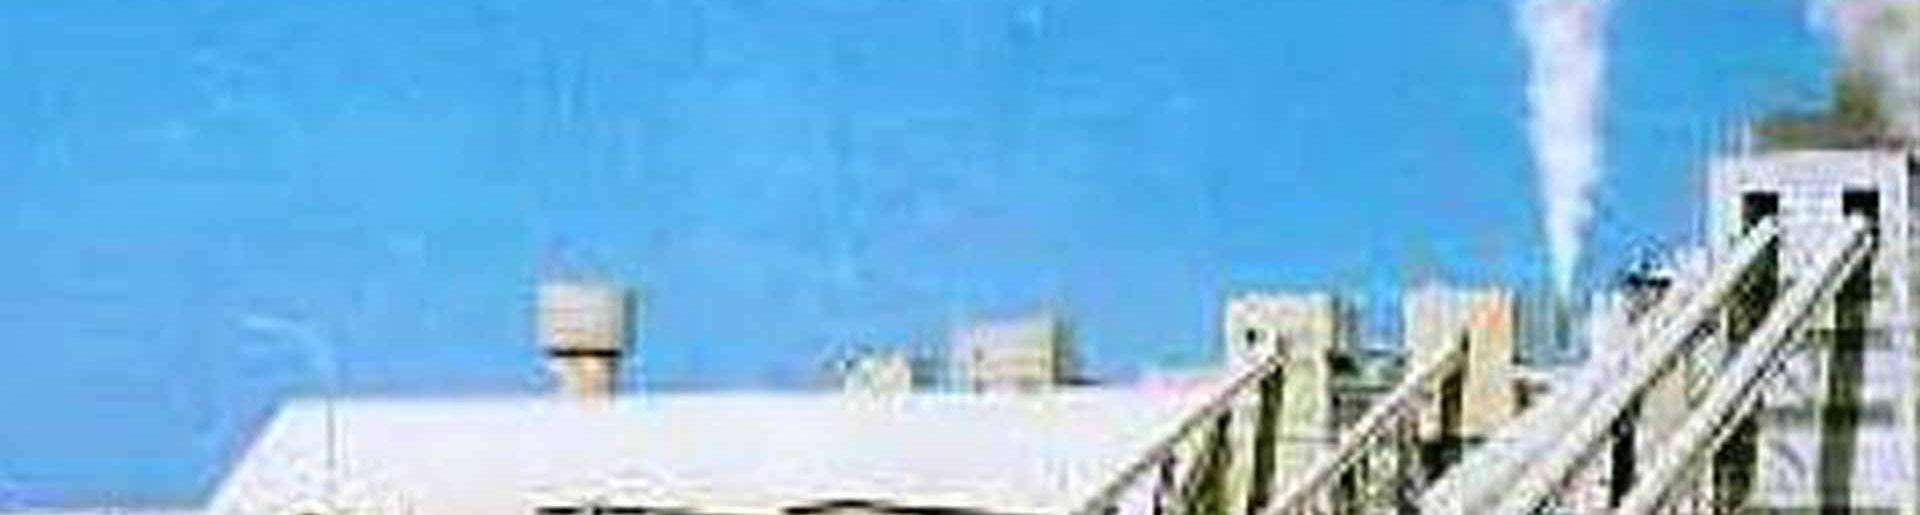 Bingazi Çimento Fabrikası Birinci ve İkinci Genişletme Projeleri